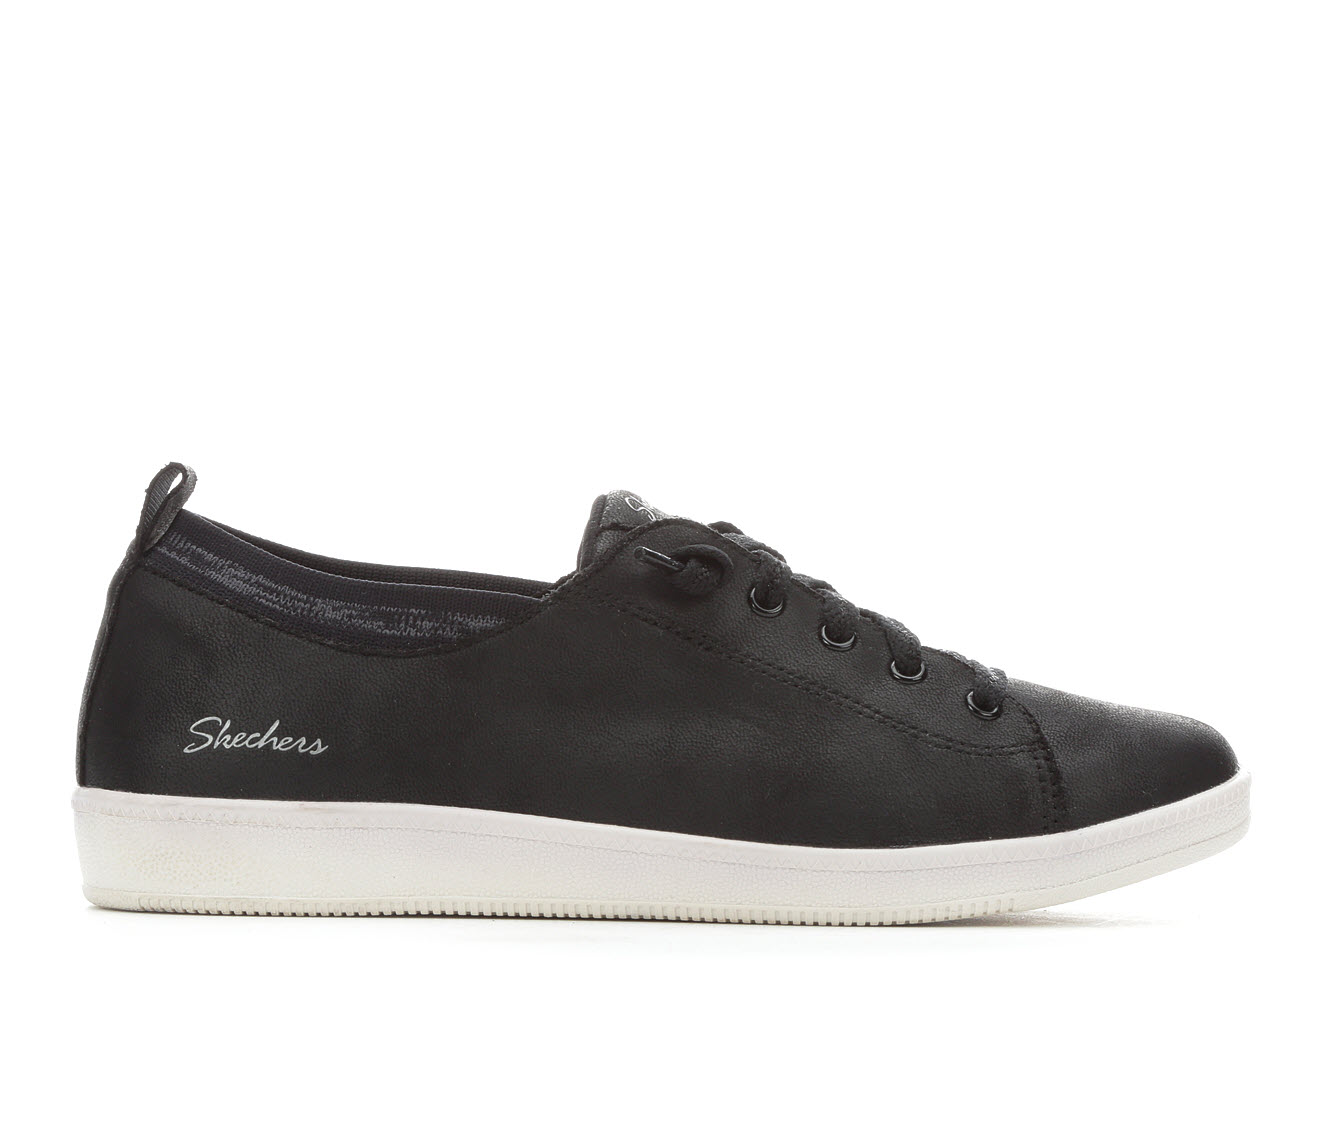 Skechers City Ways 27109 Women's Shoe (Black Faux Leather)